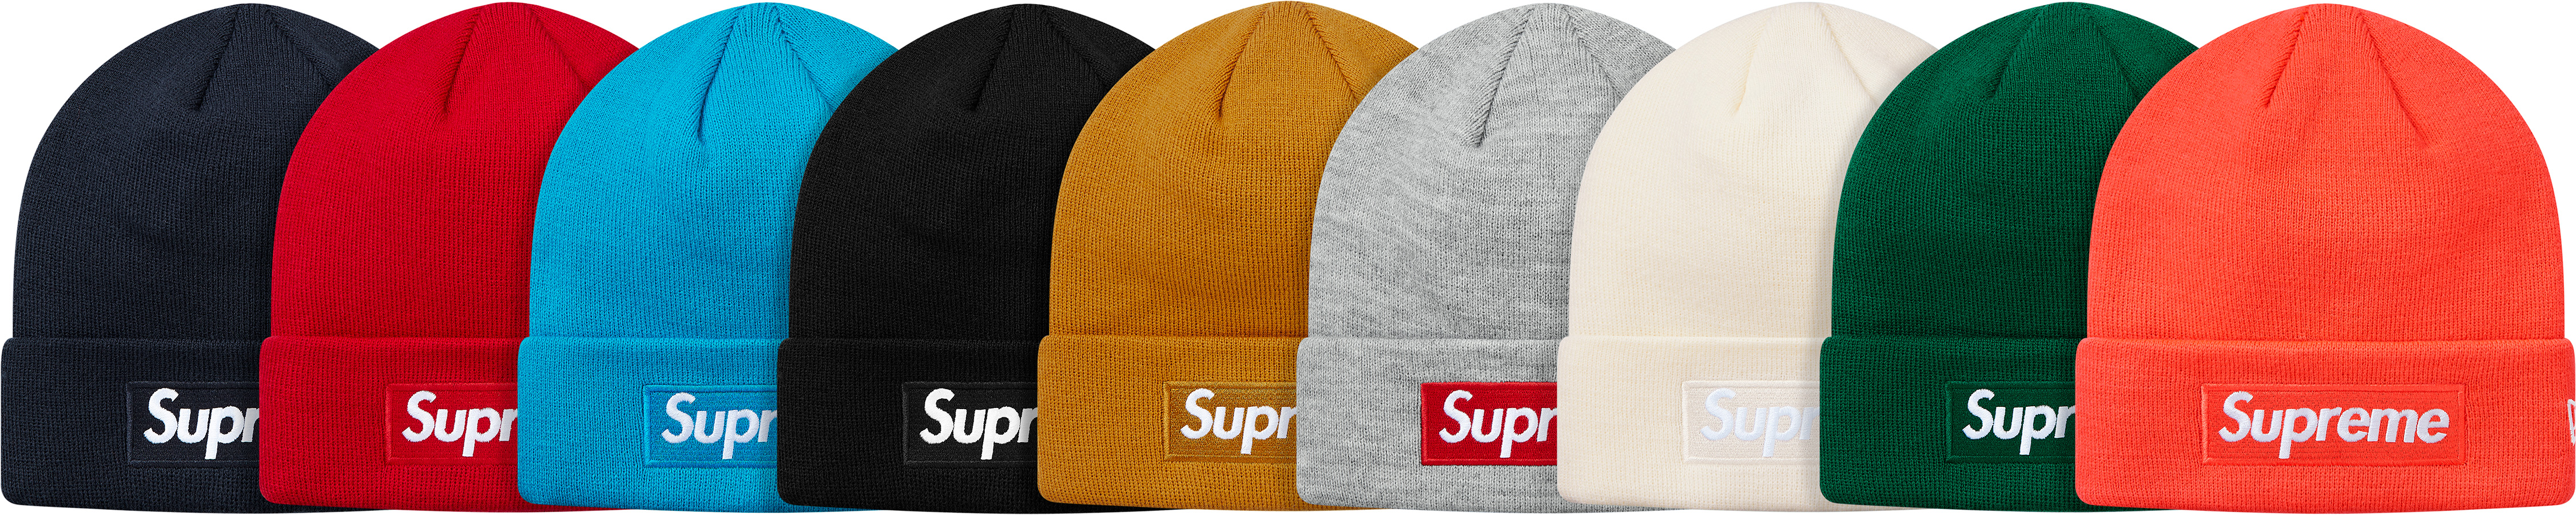 11fe09bf28d Details Supreme New Era® Box Logo Beanie - Supreme Community